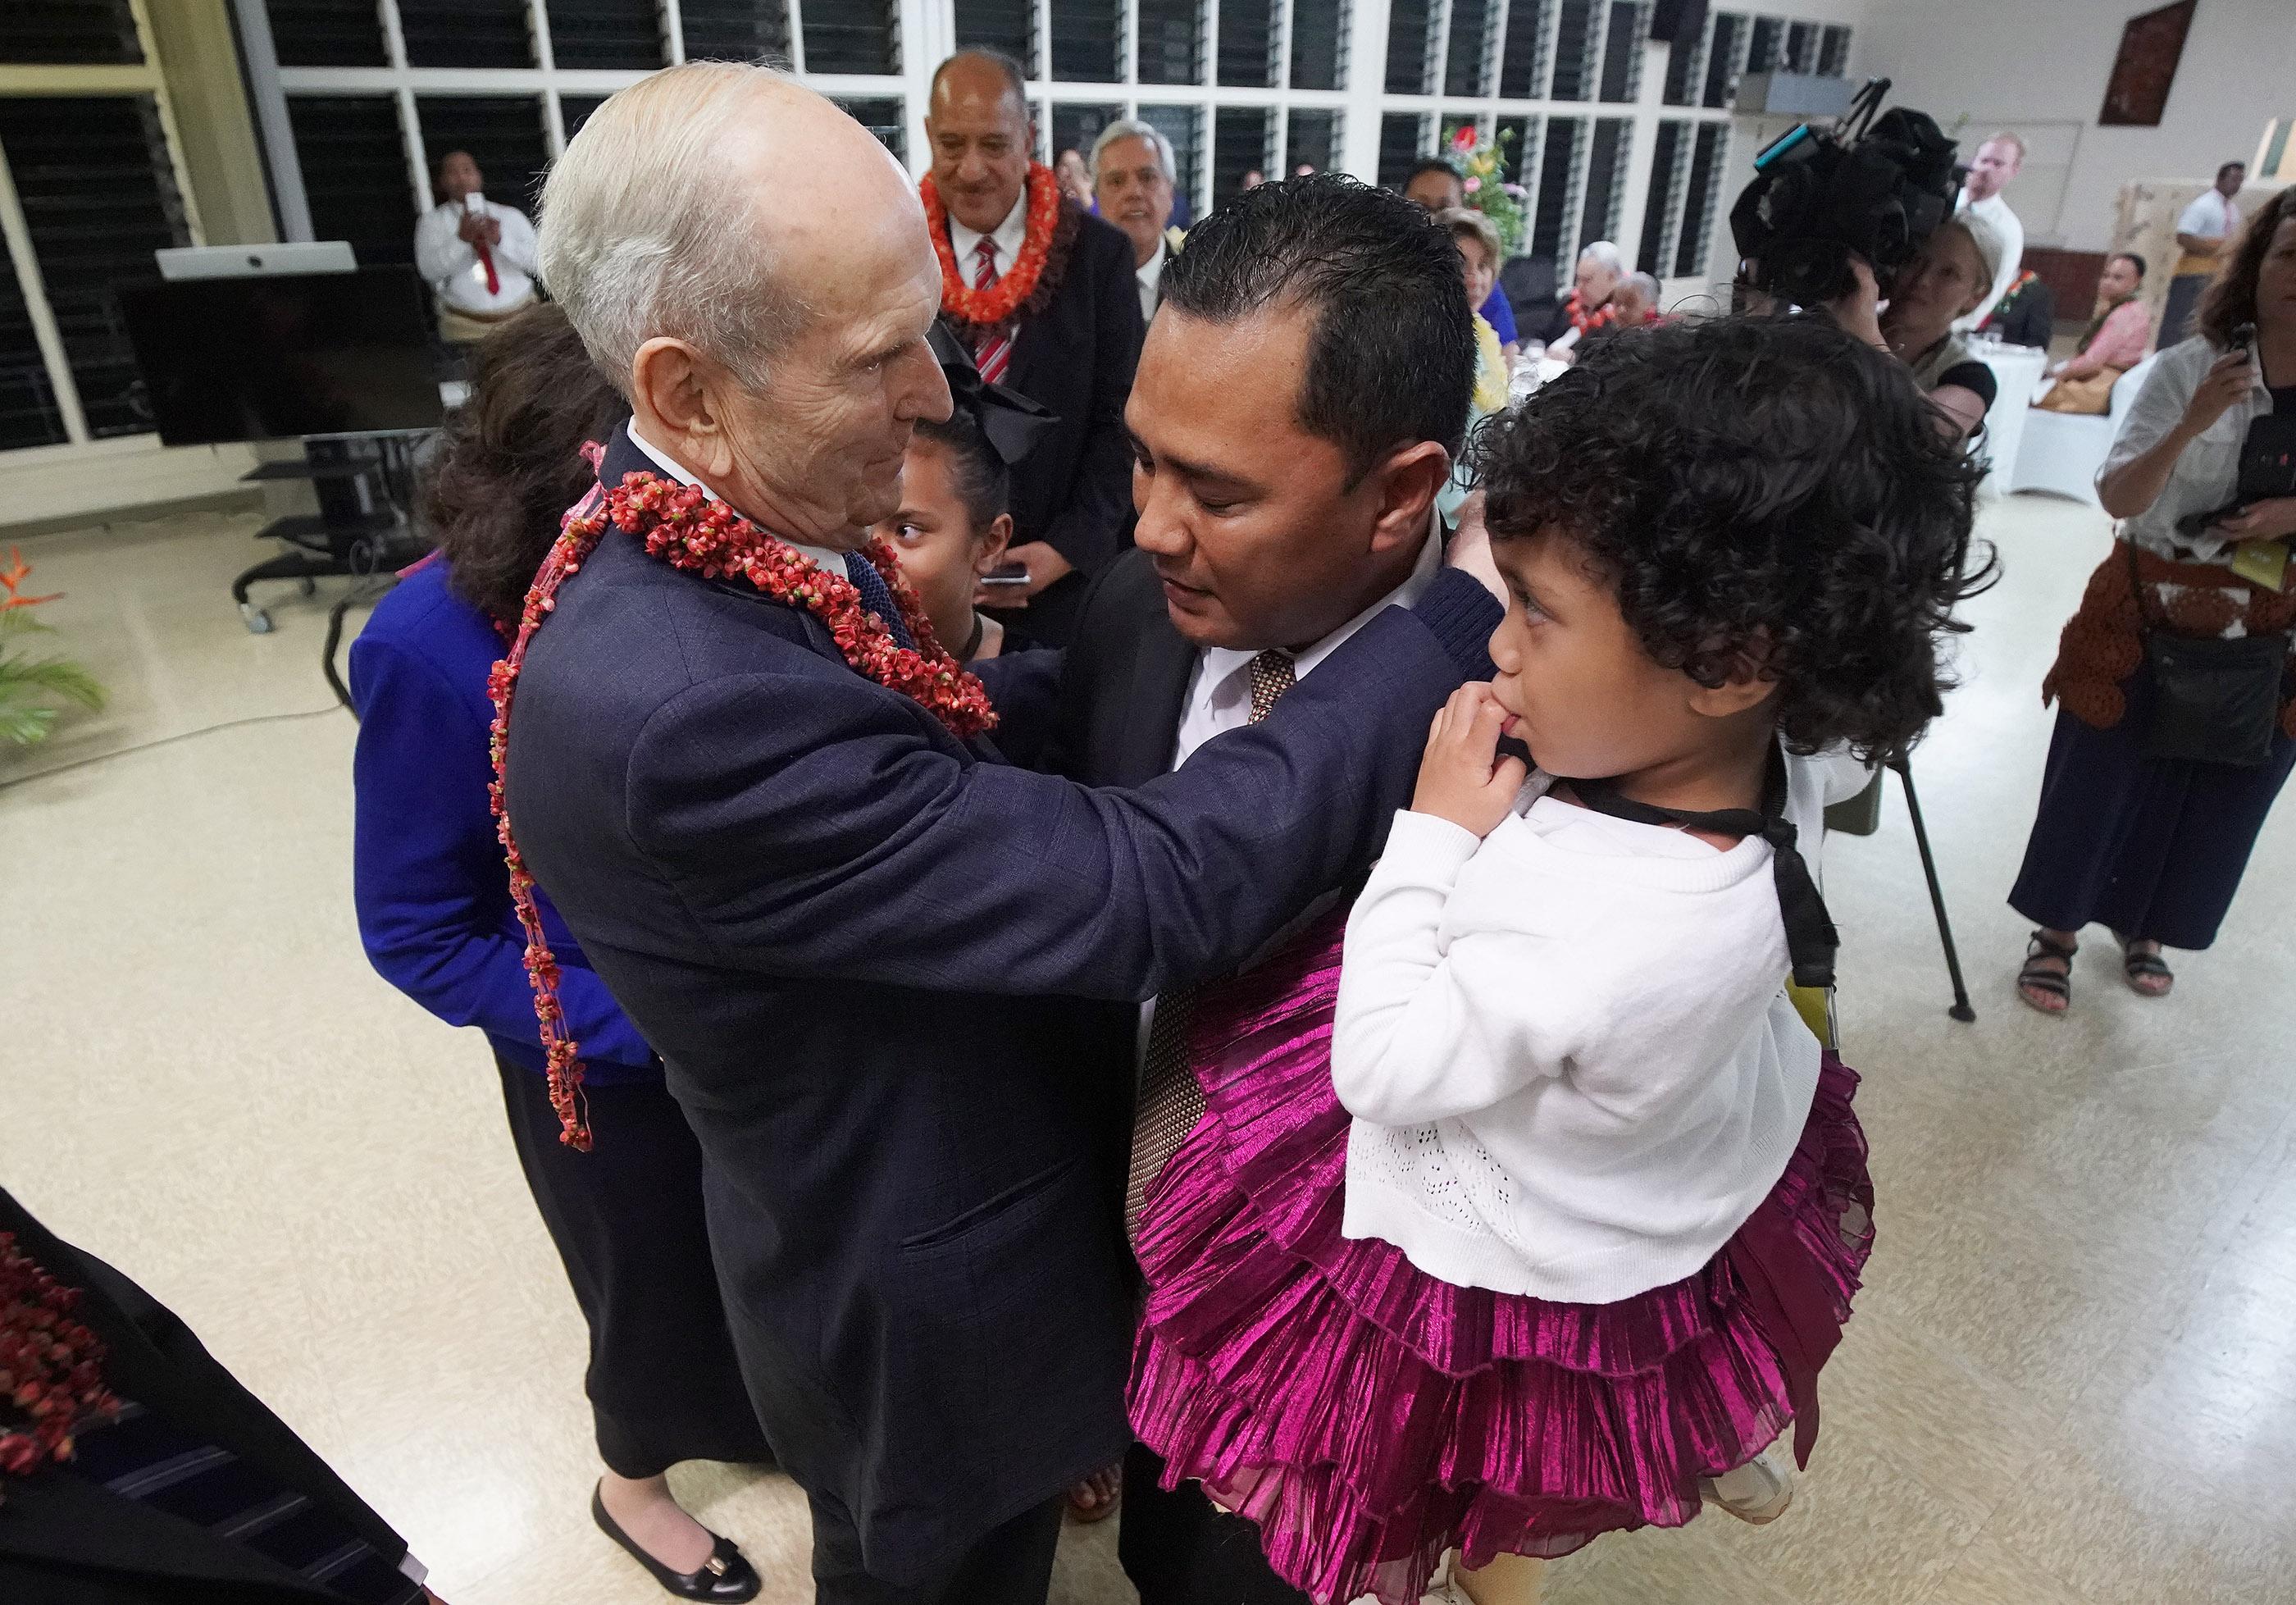 El presidente Russell M. Nelson de La Iglesia de Jesucristo de los Santos de los Últimos Días consuela a Mateo Lauta y a su hija Sipinga en Nuku'alofa, Tonga el 23 de mayo de 2019 después de que su esposa falleció.